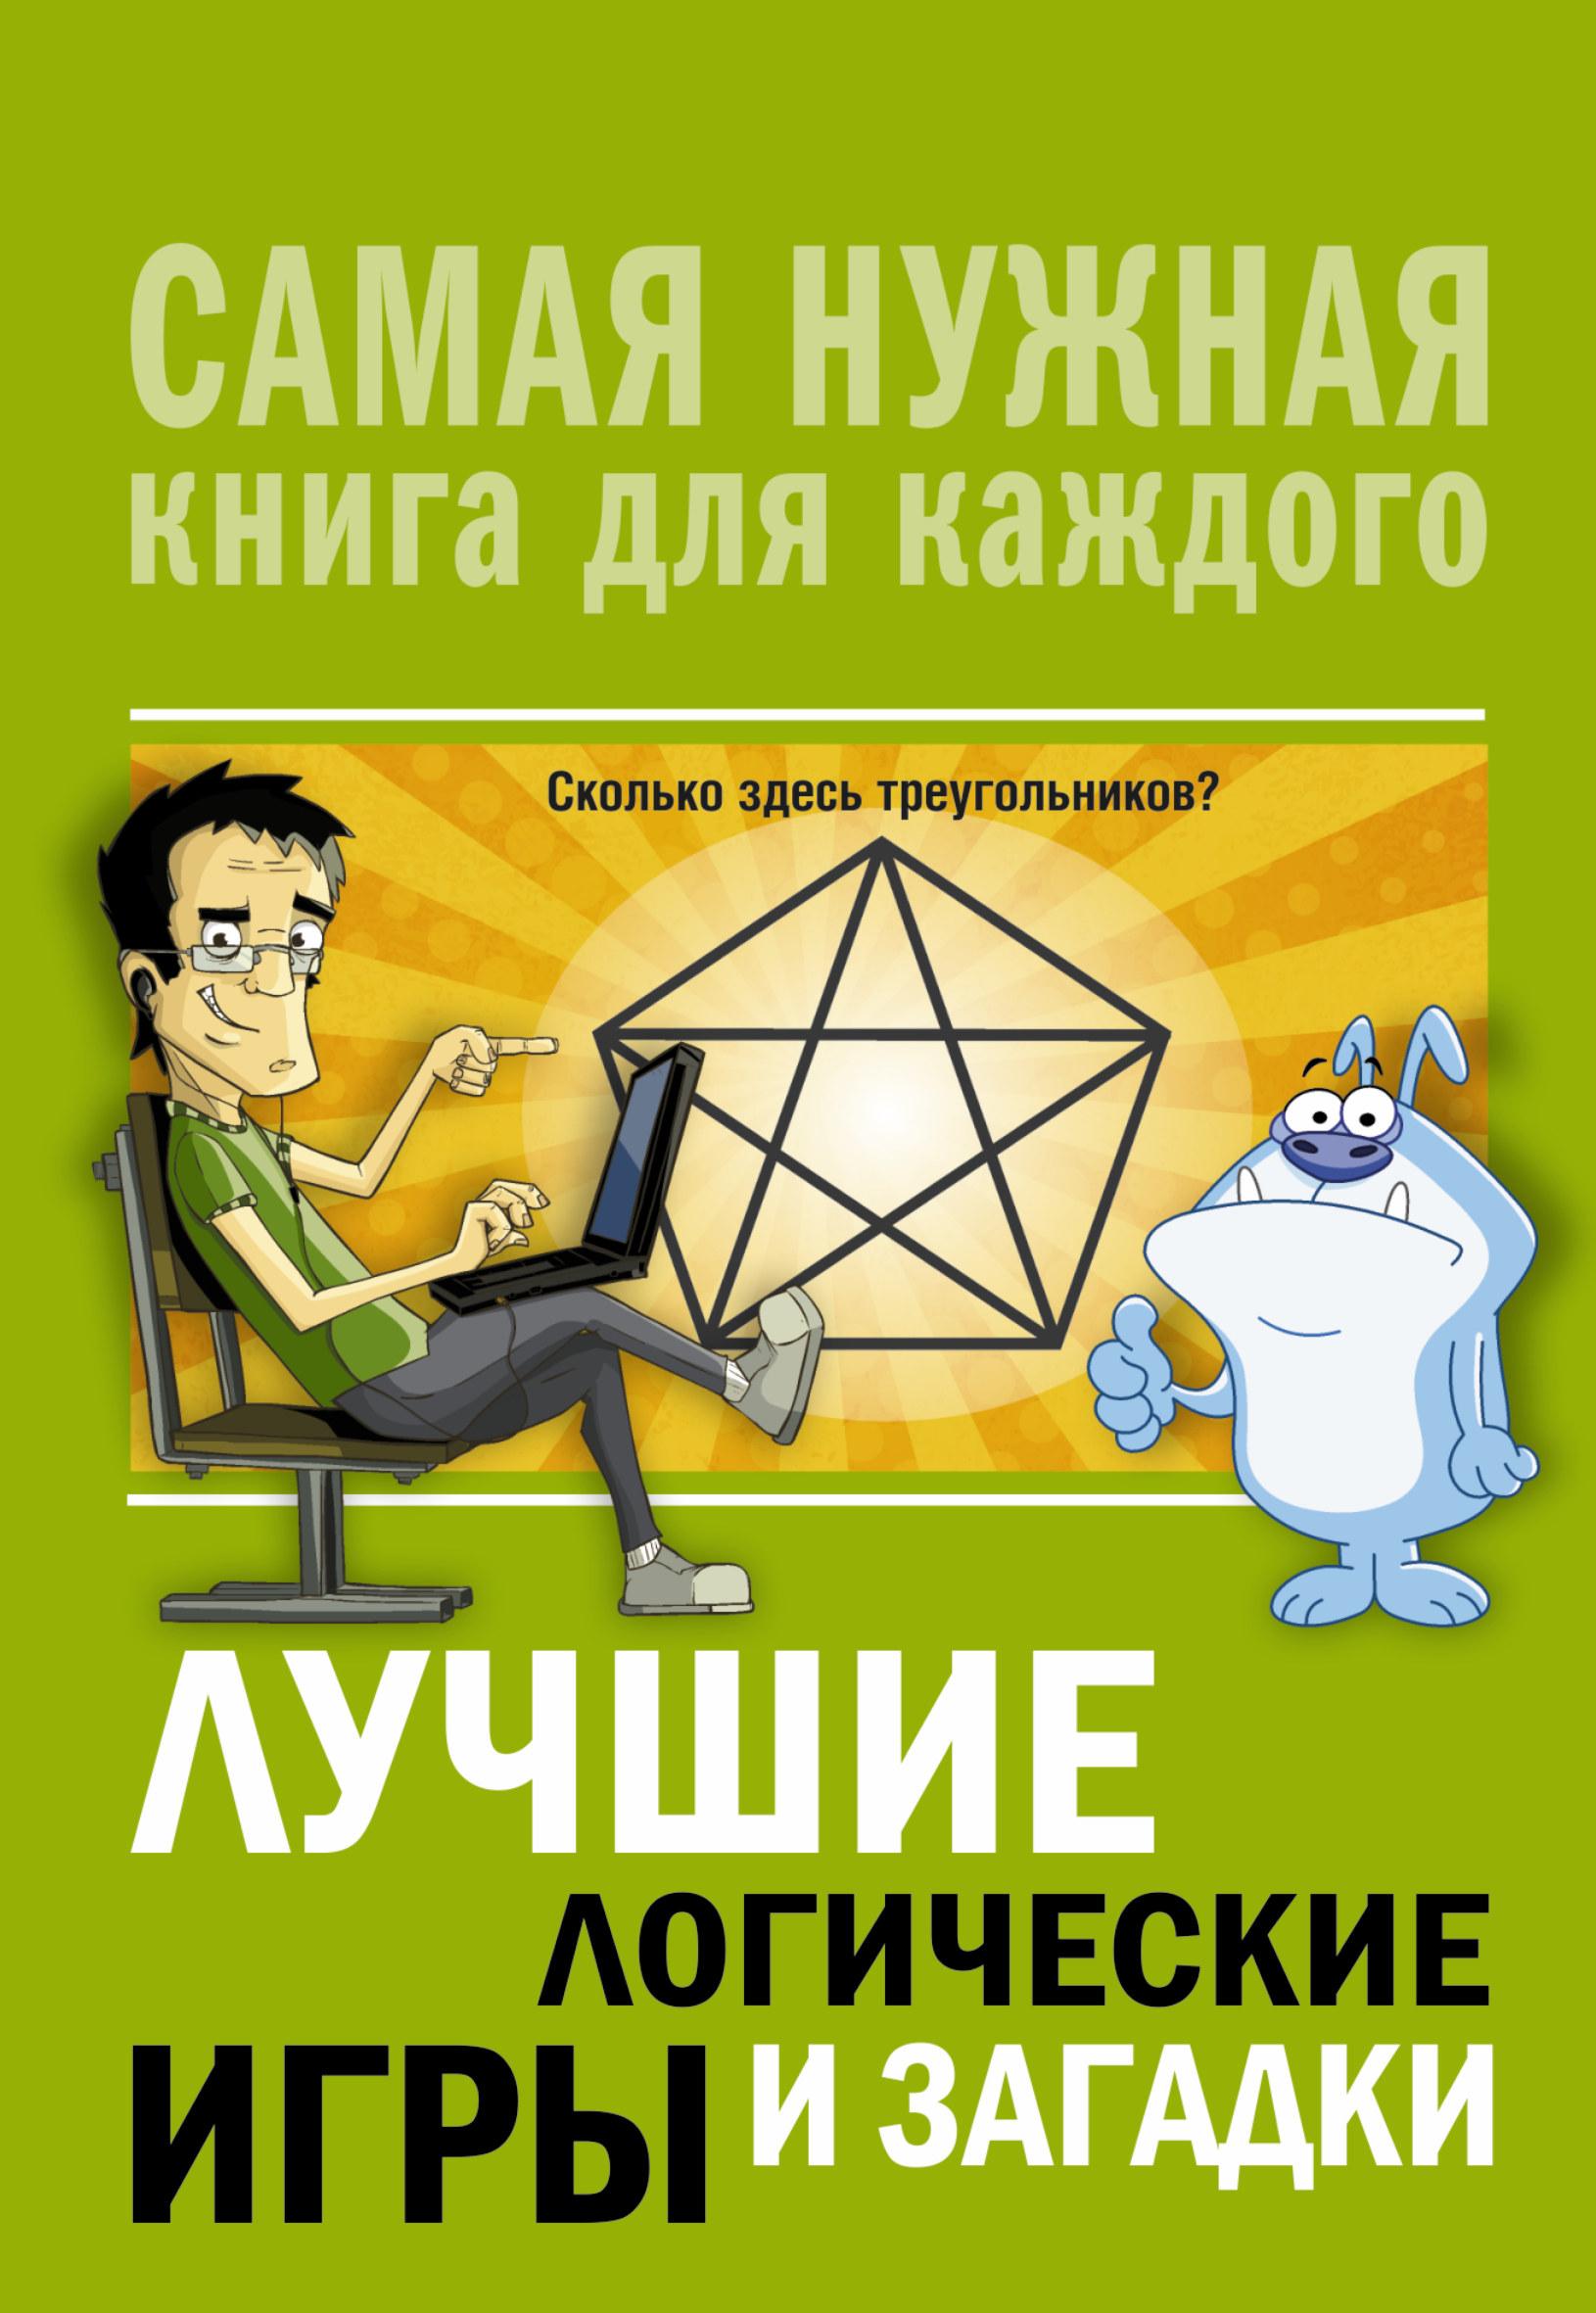 цена на . Лучшие логические игры и загадки